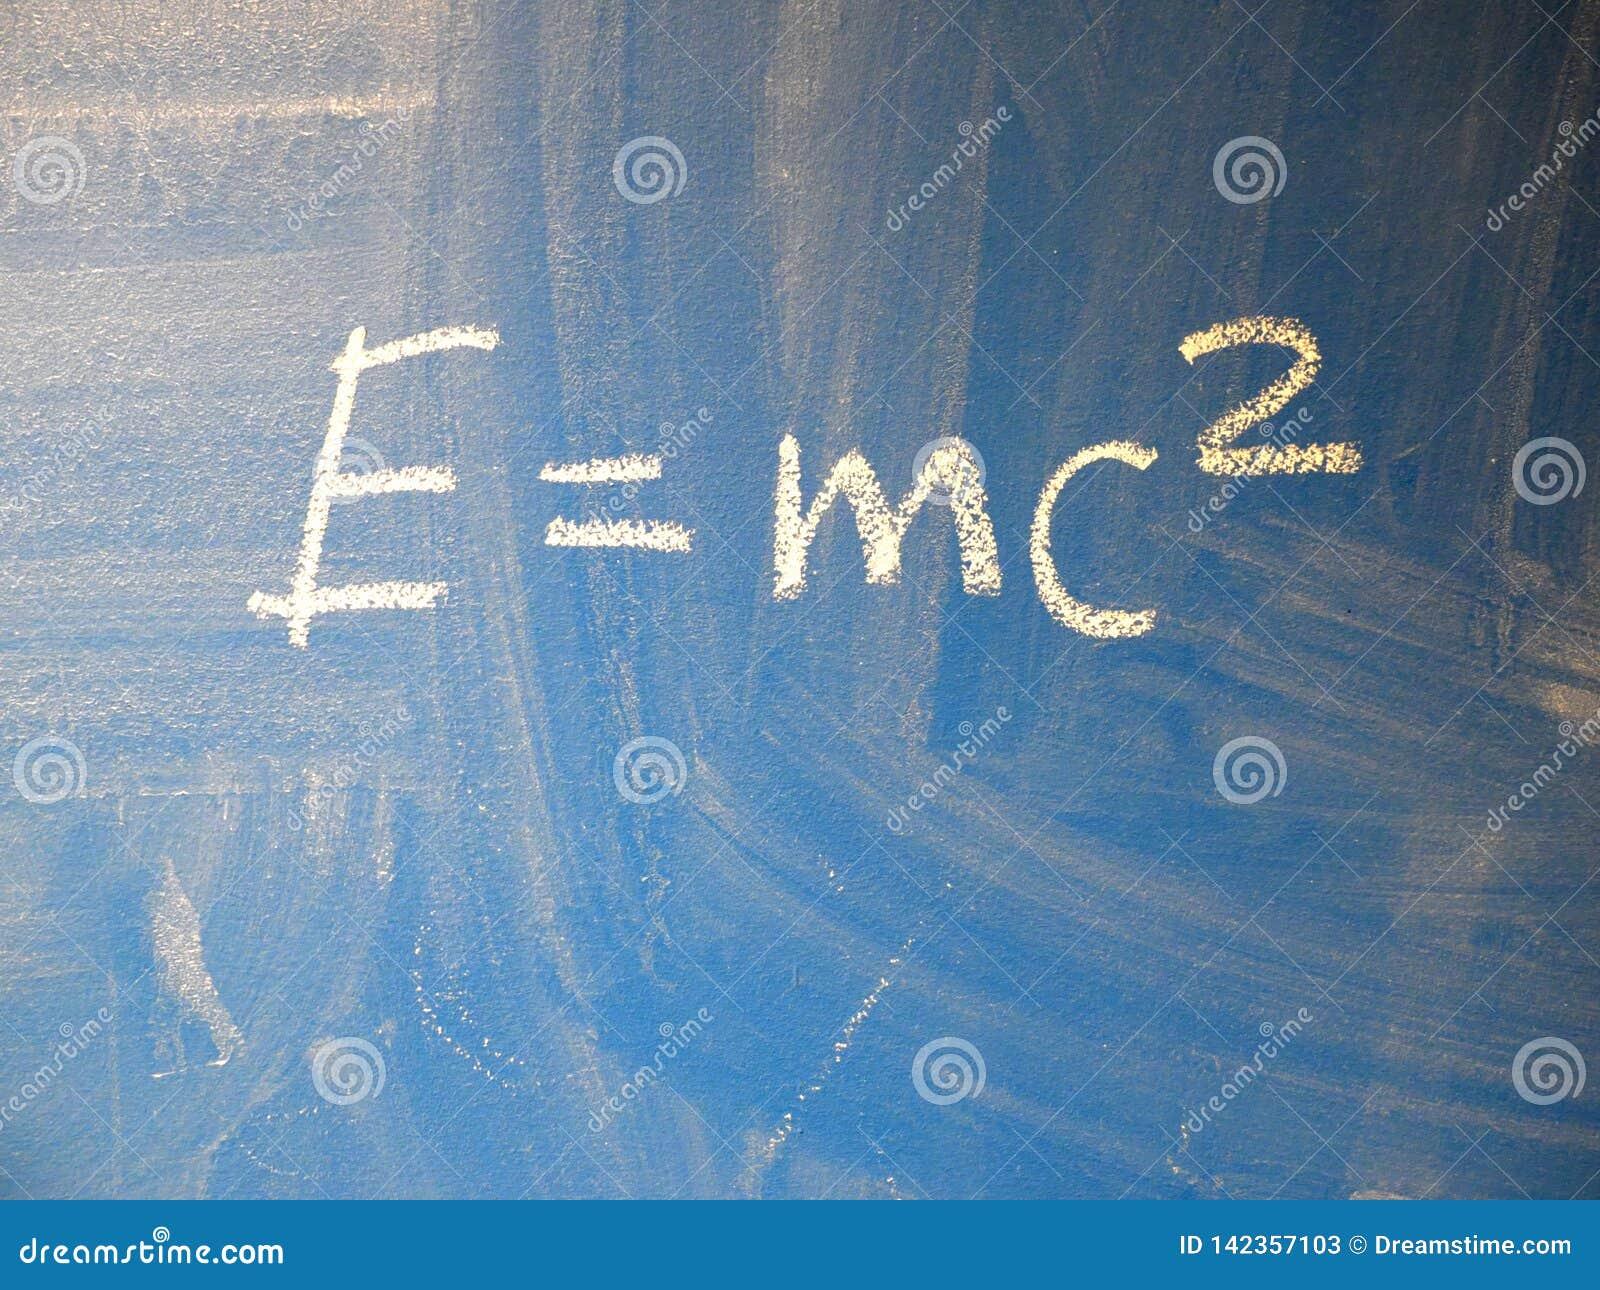 La formule mathématique e=mc2 a ajusté écrit sur un tableau bleu et relativement sale par la craie